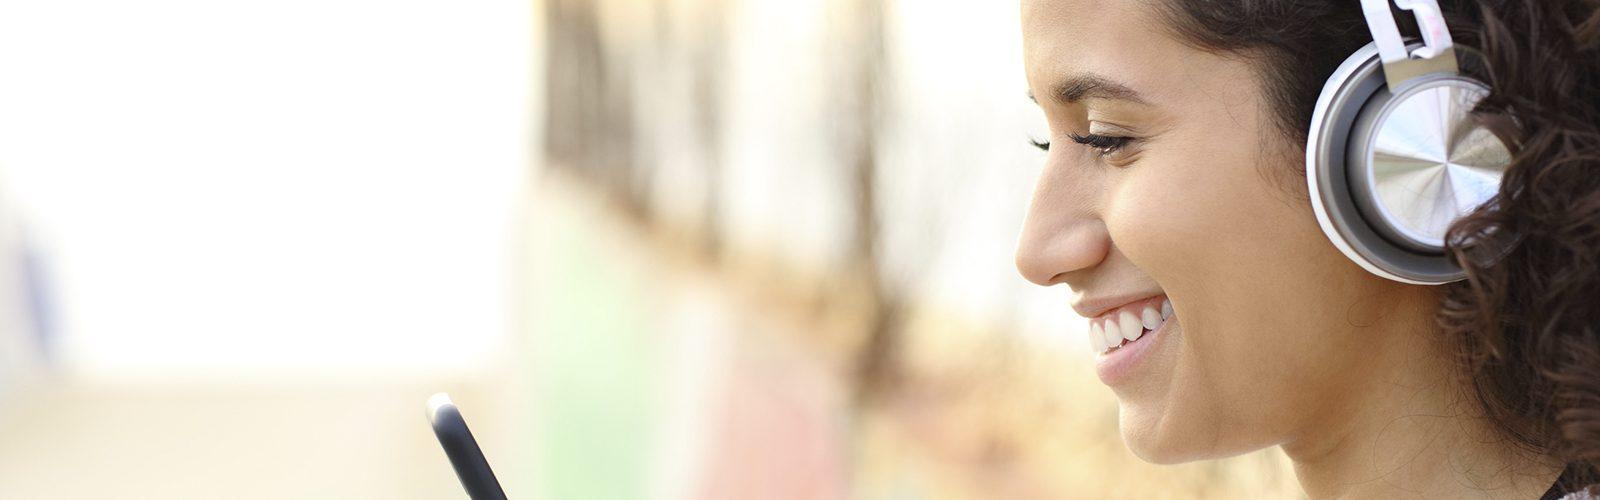 Imagem genérica de uma garota com fones de ouvido e olhando tablet